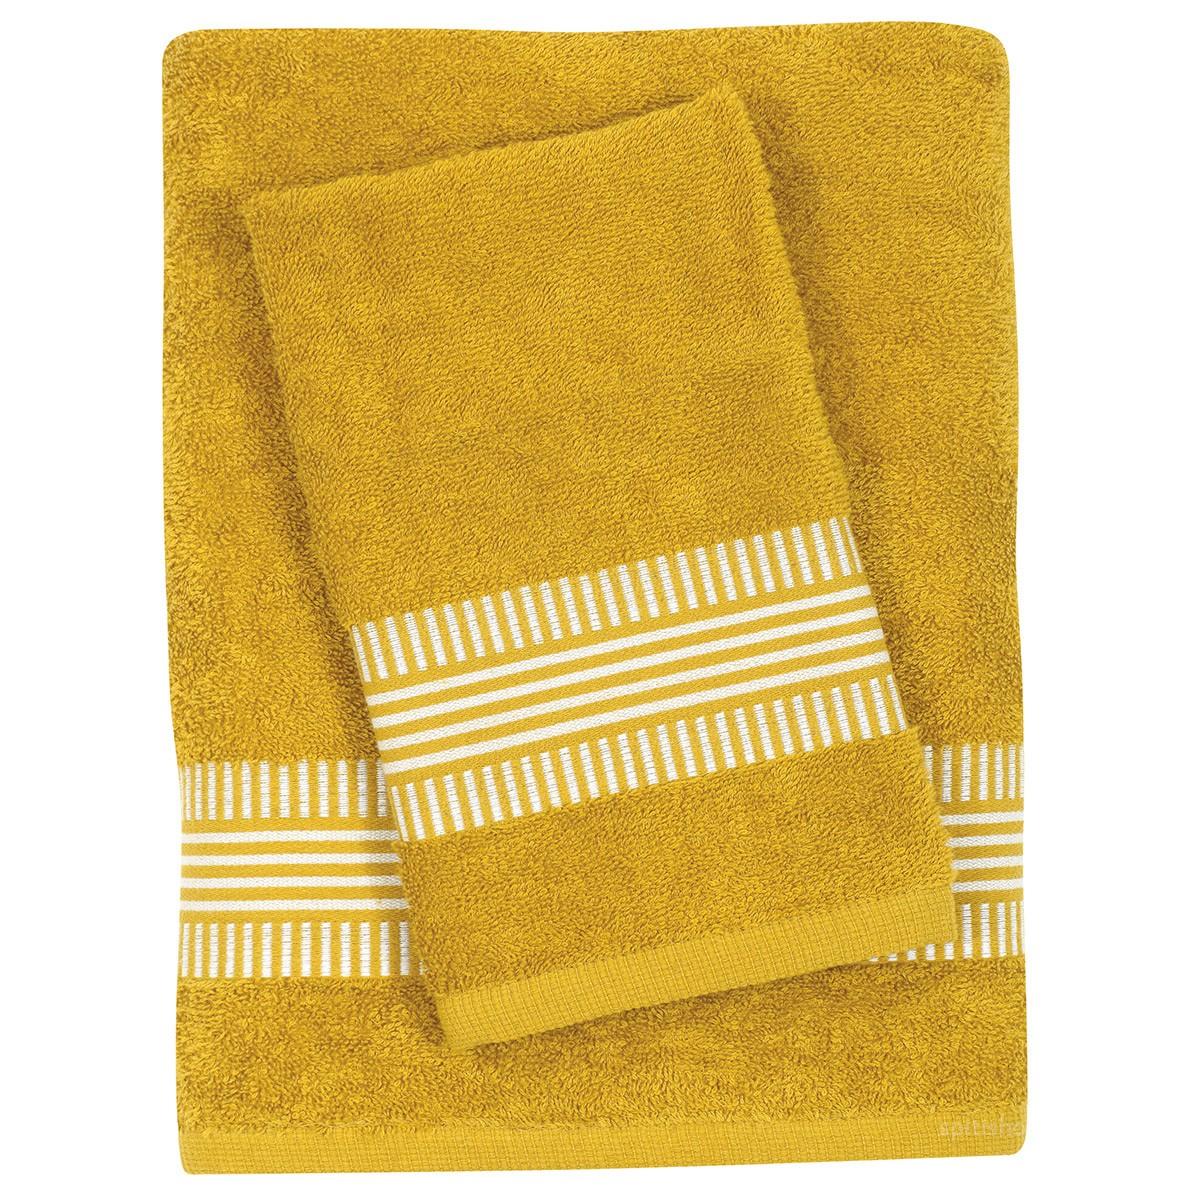 Πετσέτες Μπάνιου (Σετ 3τμχ) Das Home Best 347